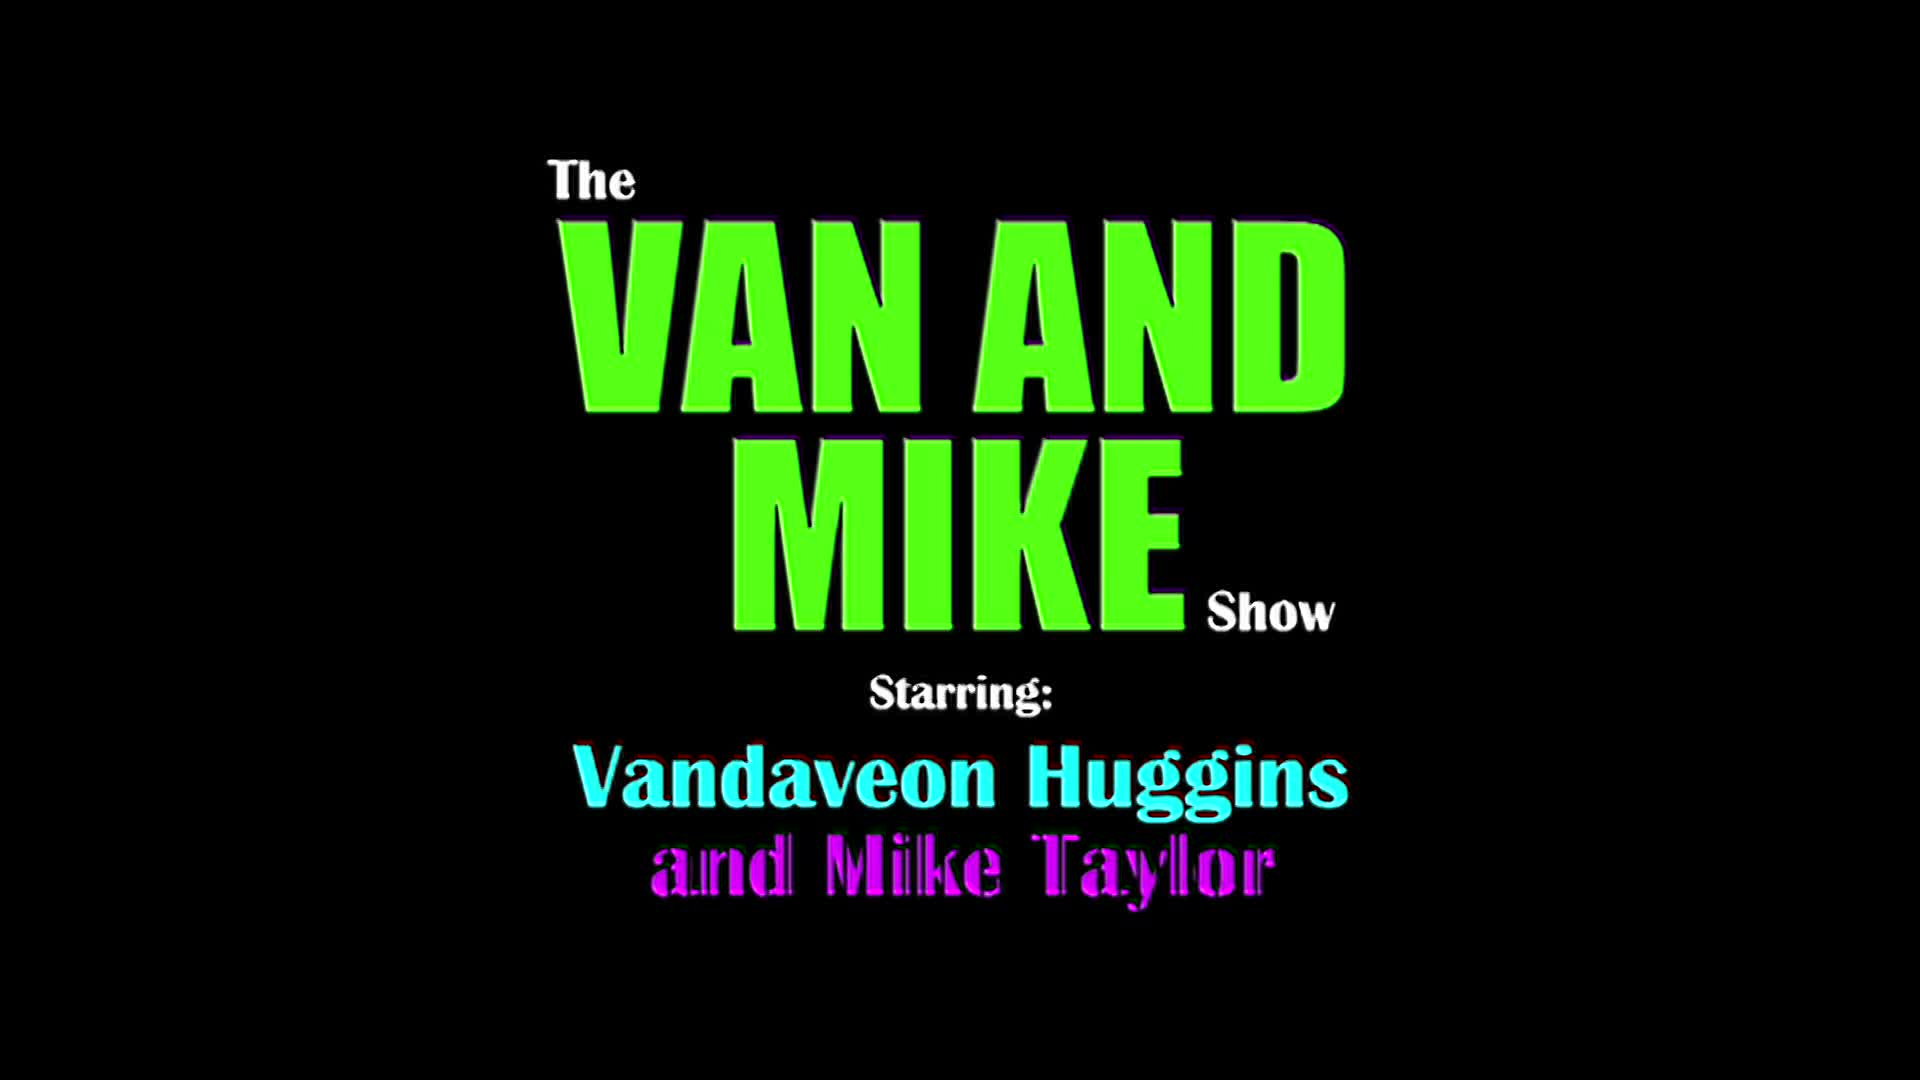 Honoree - Vandaveon and Mike